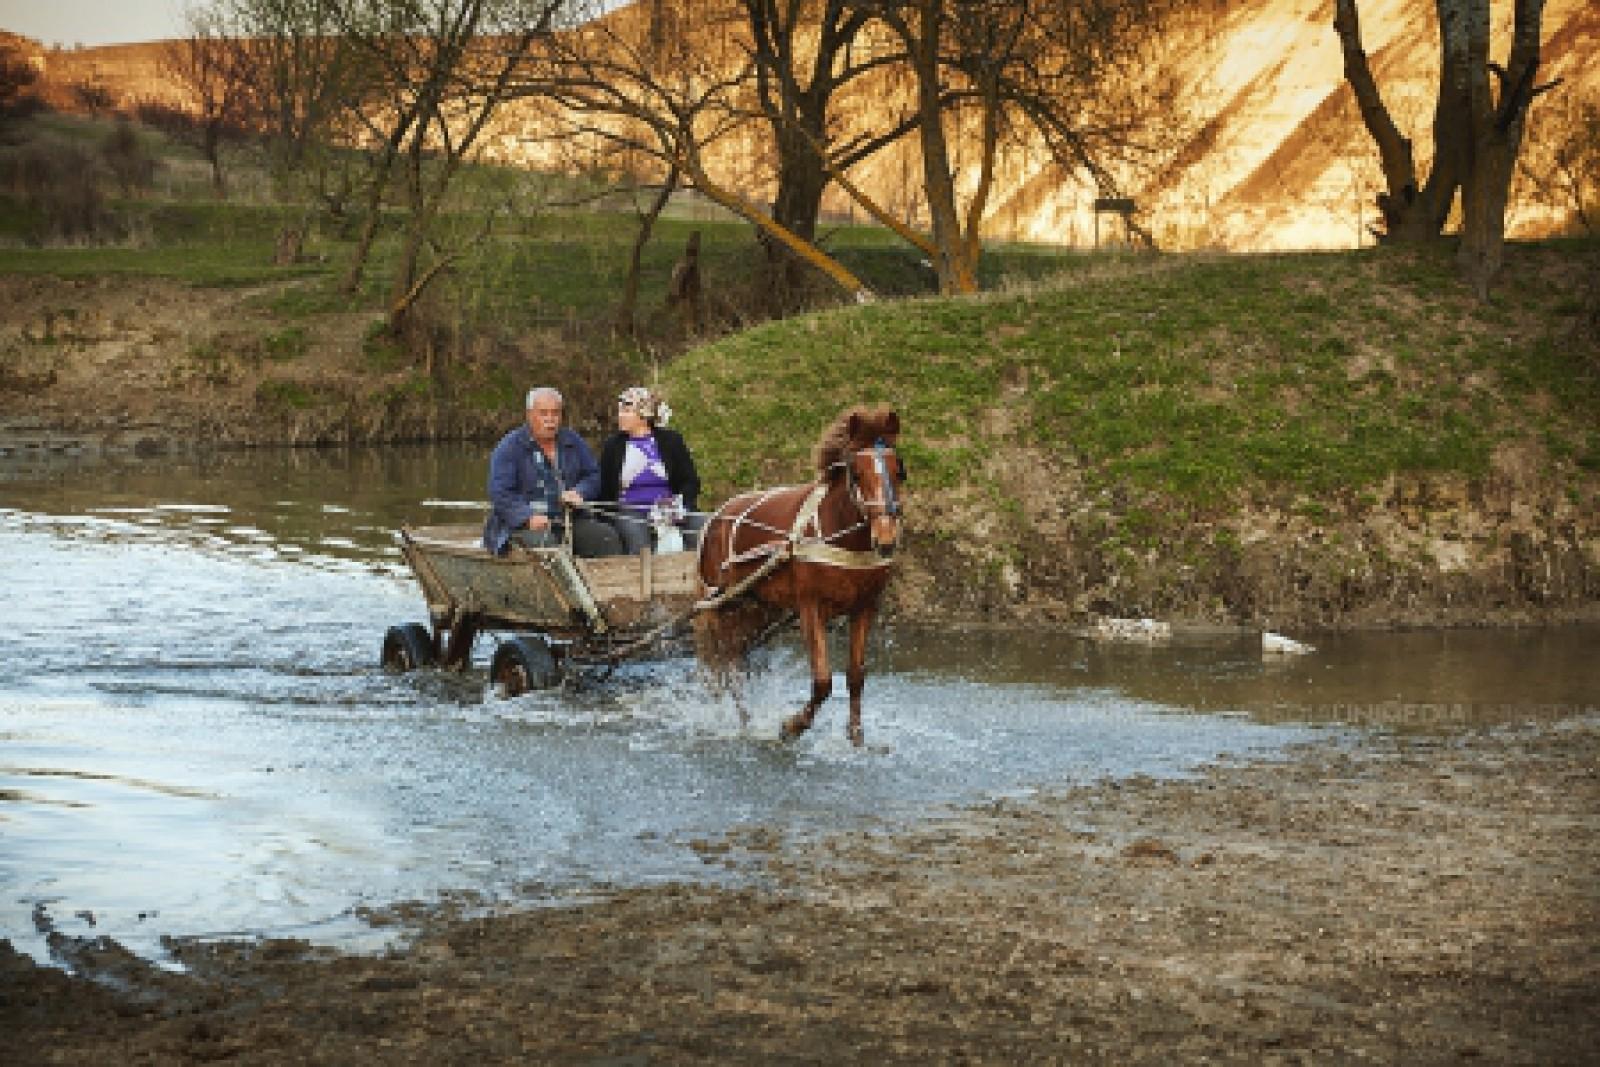 Mold-street: Un consorțiu din Belarus ar putea repara drumurile din Republica Moldova